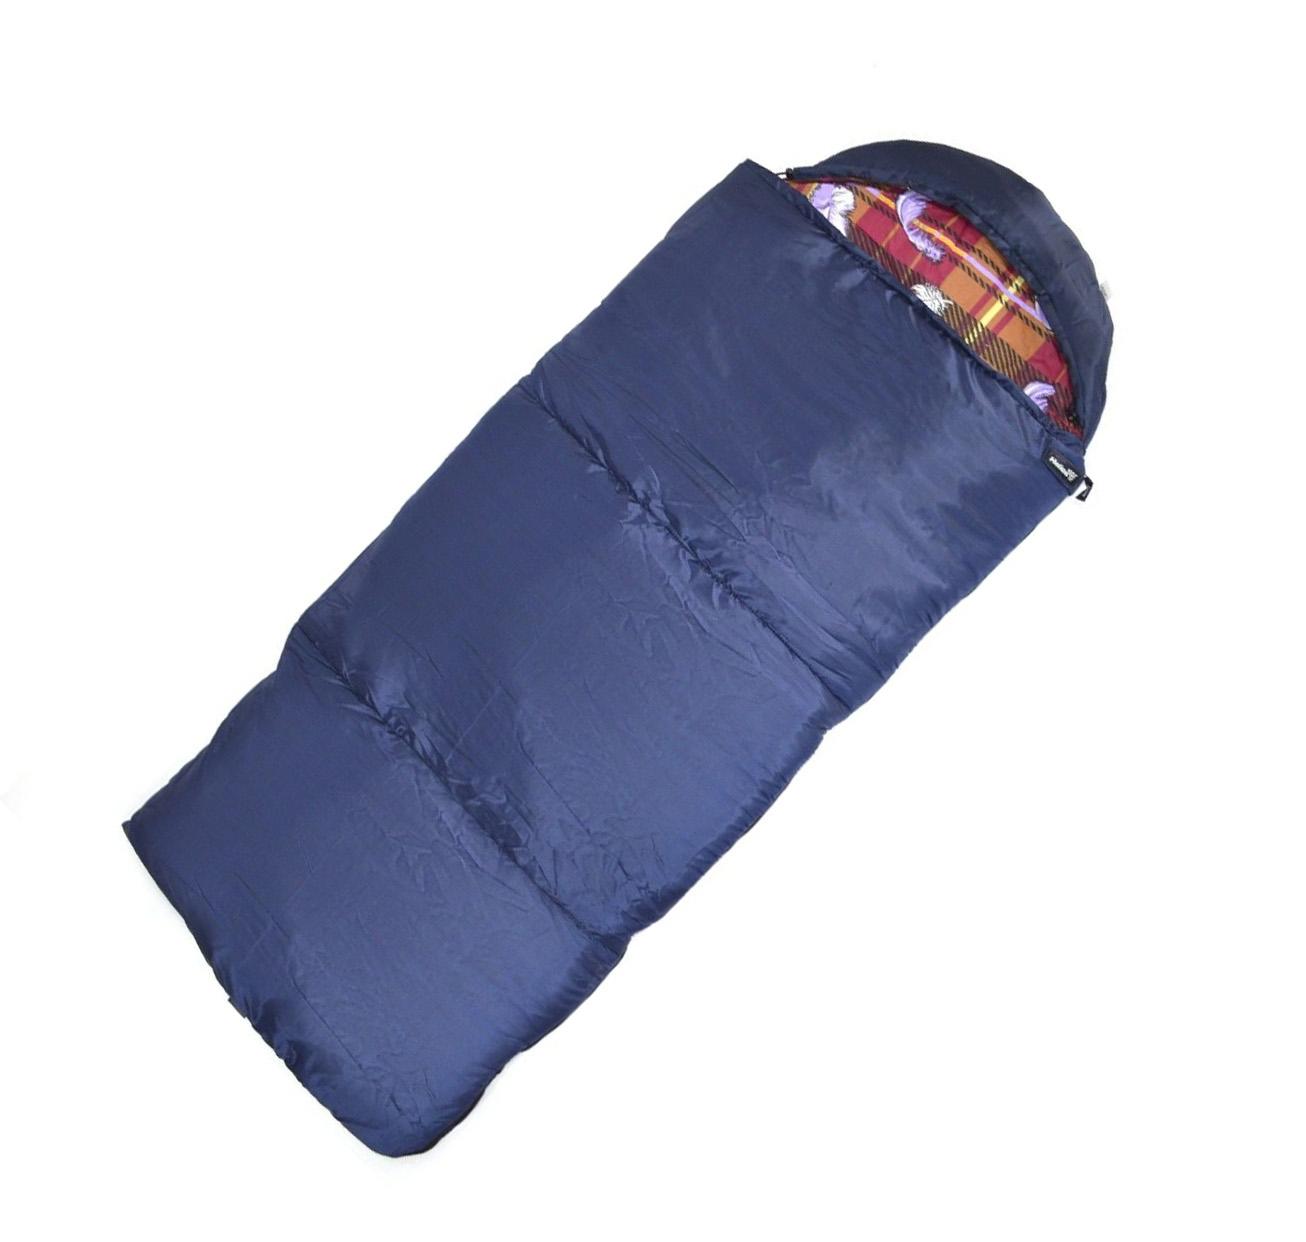 Спальный мешок БАТЫР XXL СОШ-3 (220*90) от Helios